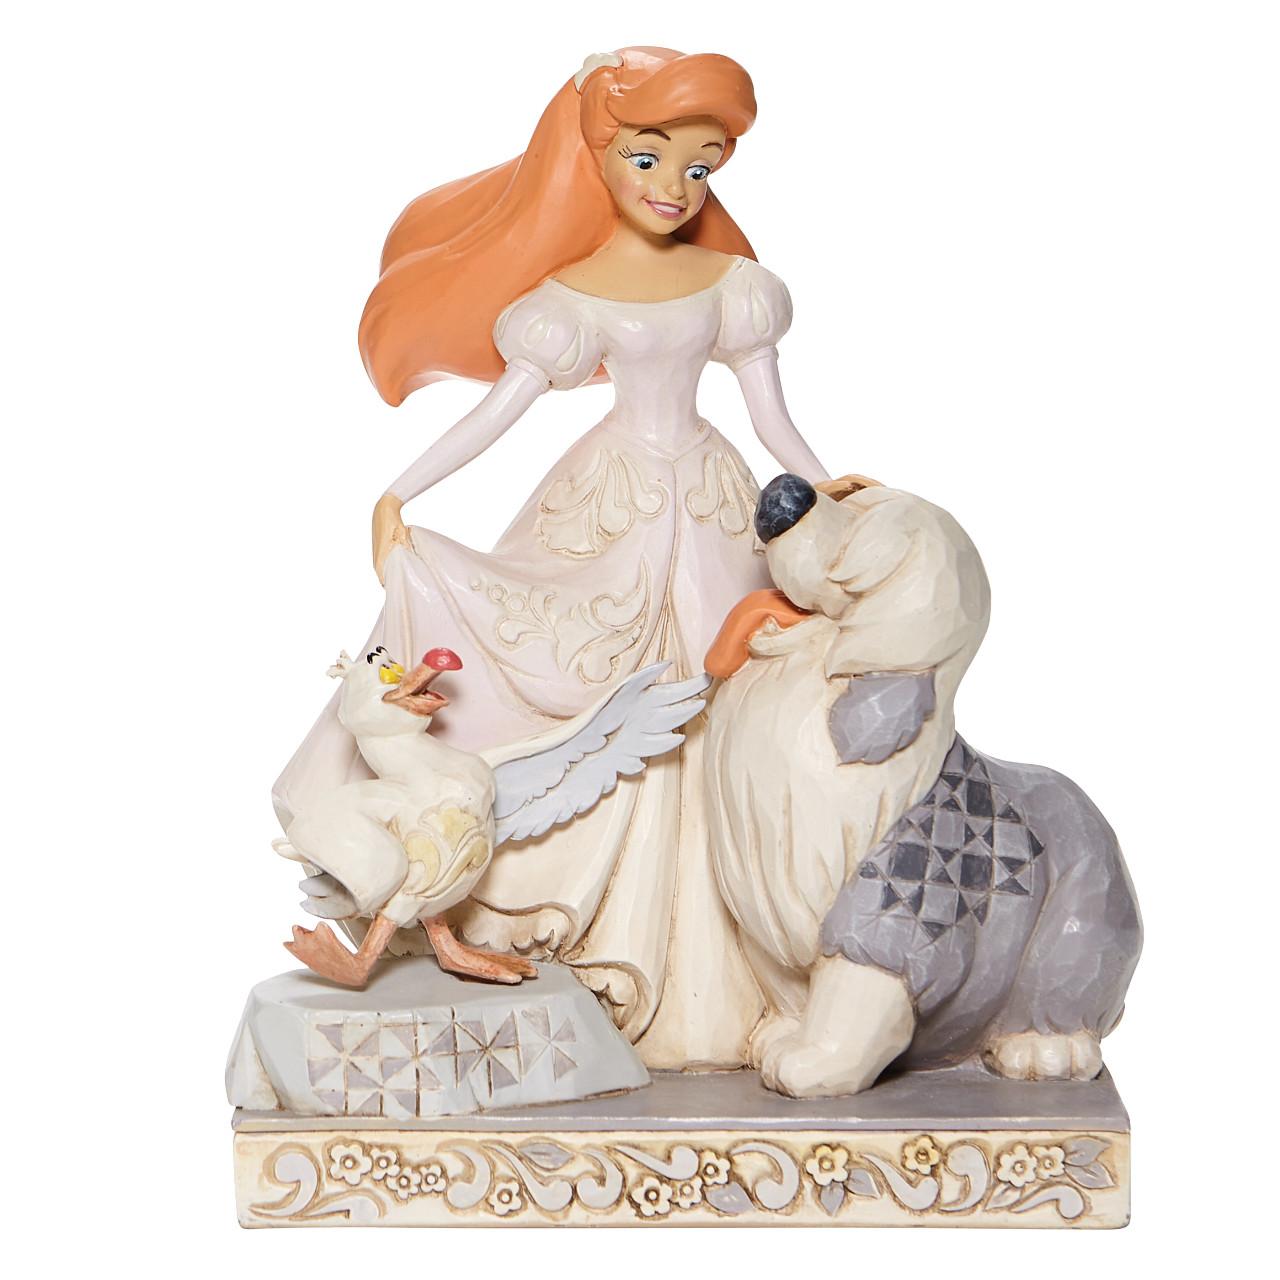 Disney Traditions - Spirited Siren (White Woodland Ariel Figurine)